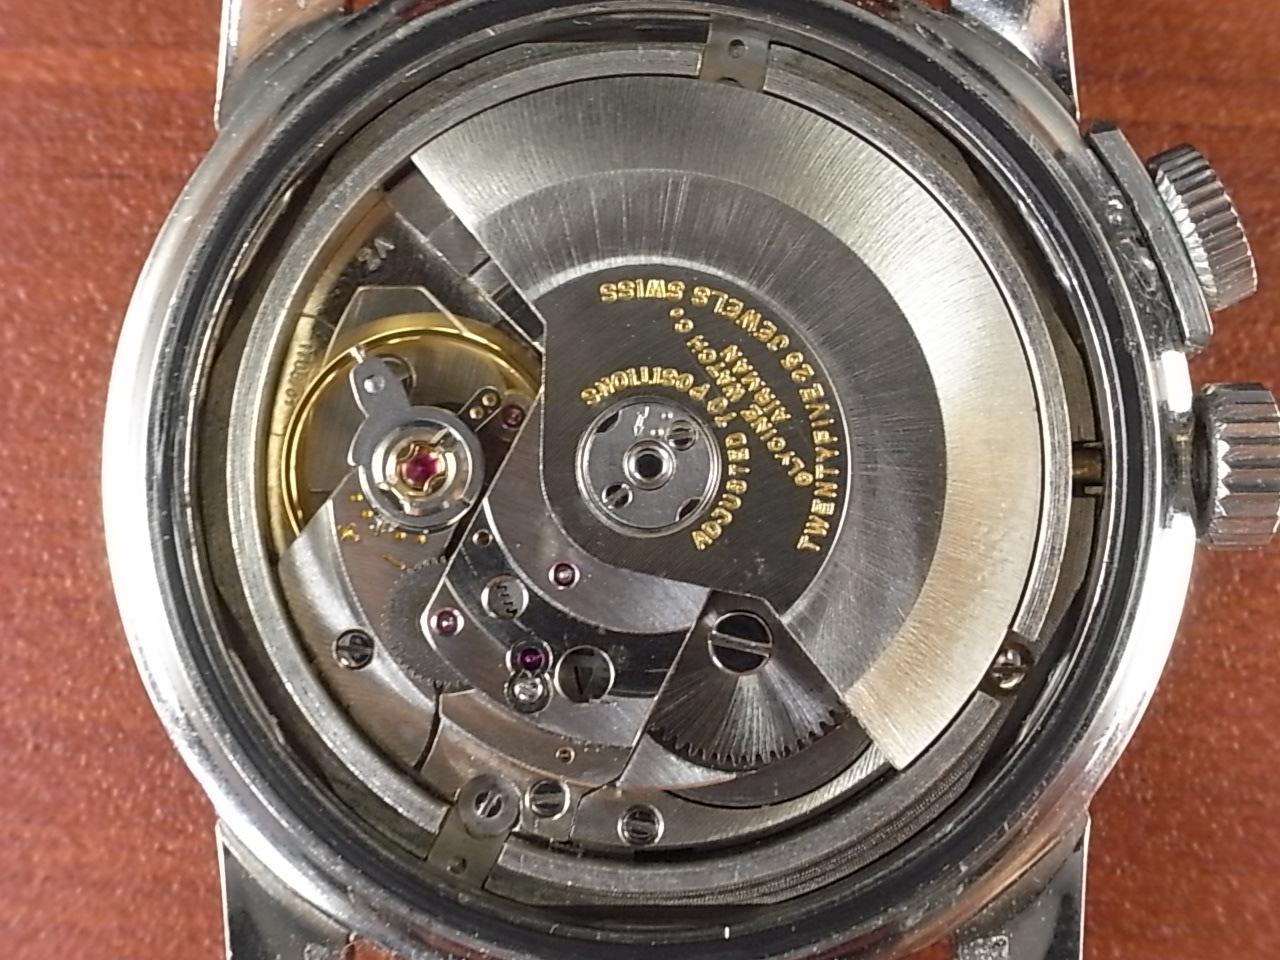 ロータリー エアマン byグリシン パイロットウォッチ BOX・ベルト付き 1960年代の写真5枚目